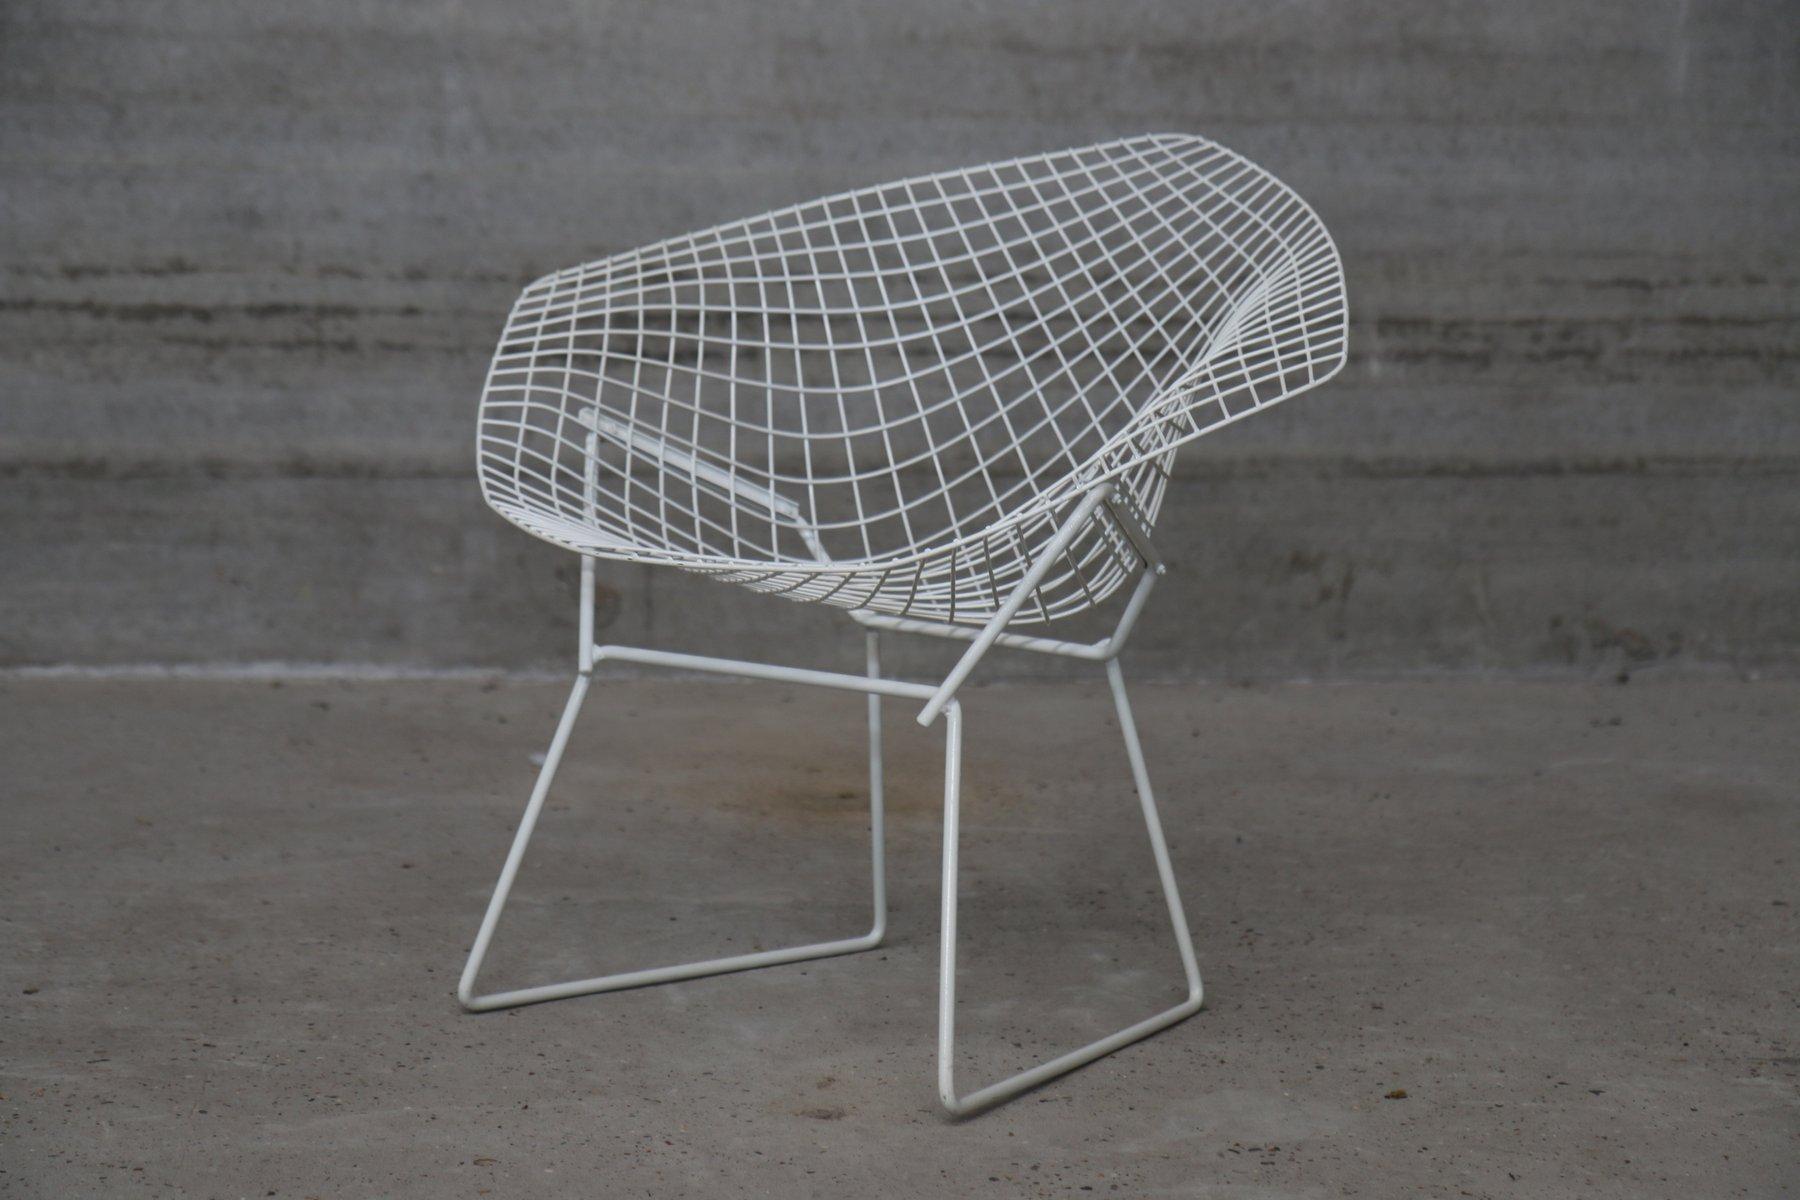 chaises diamond vintage blanches par harry bertoia pour knoll set de 2 en vente sur pamono. Black Bedroom Furniture Sets. Home Design Ideas